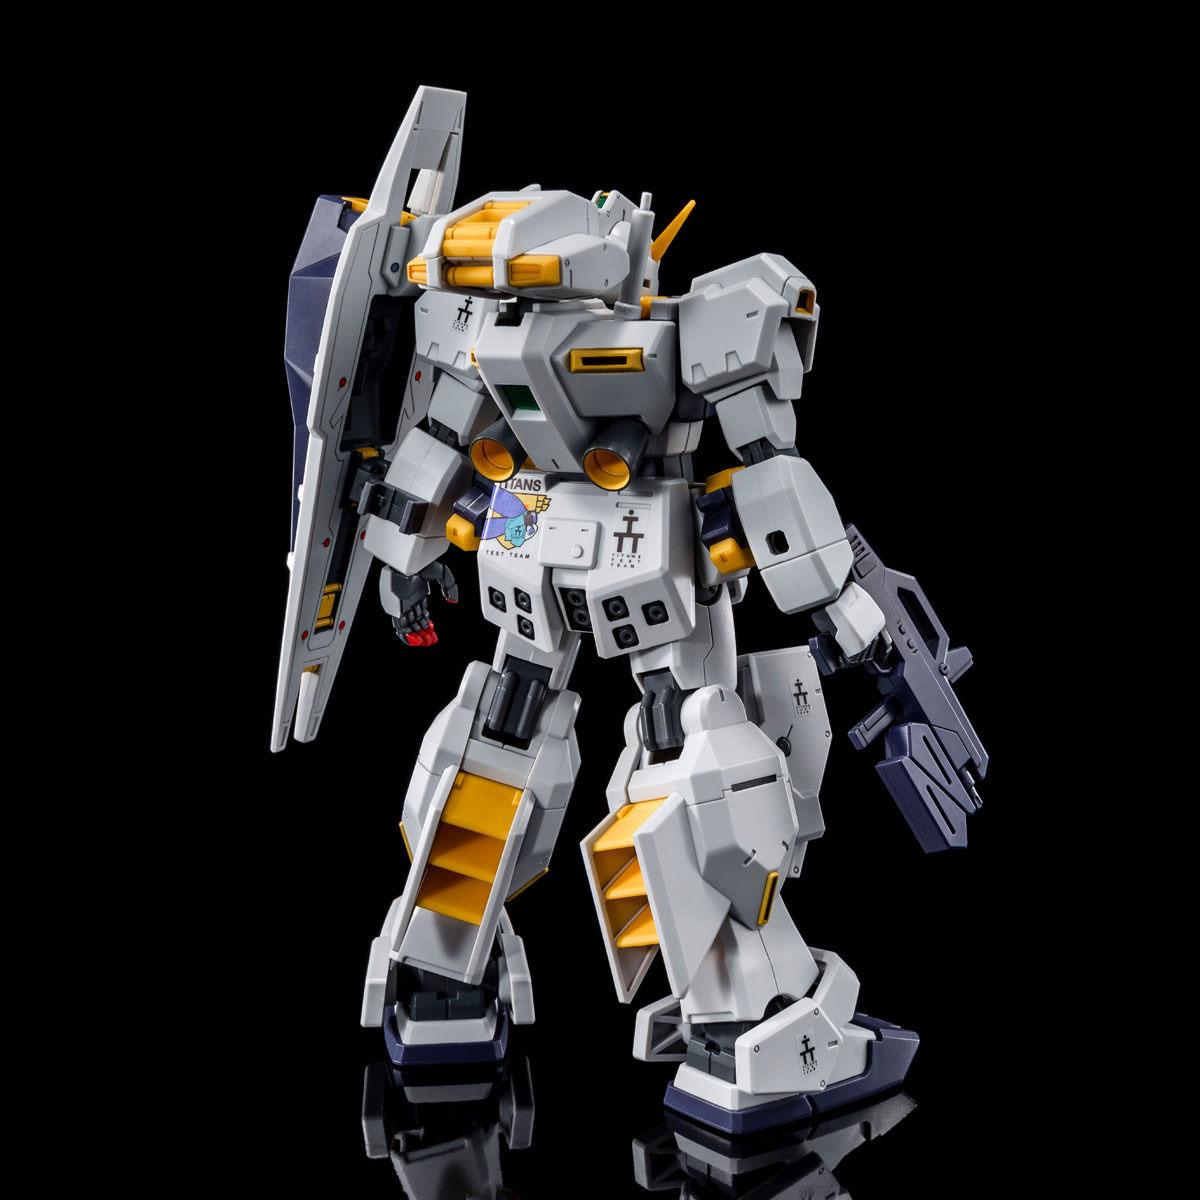 HG 1/144『ガンダムTR-1[ヘイズル改]&ガンダムTR-6用拡張パーツ』プラモデル-003